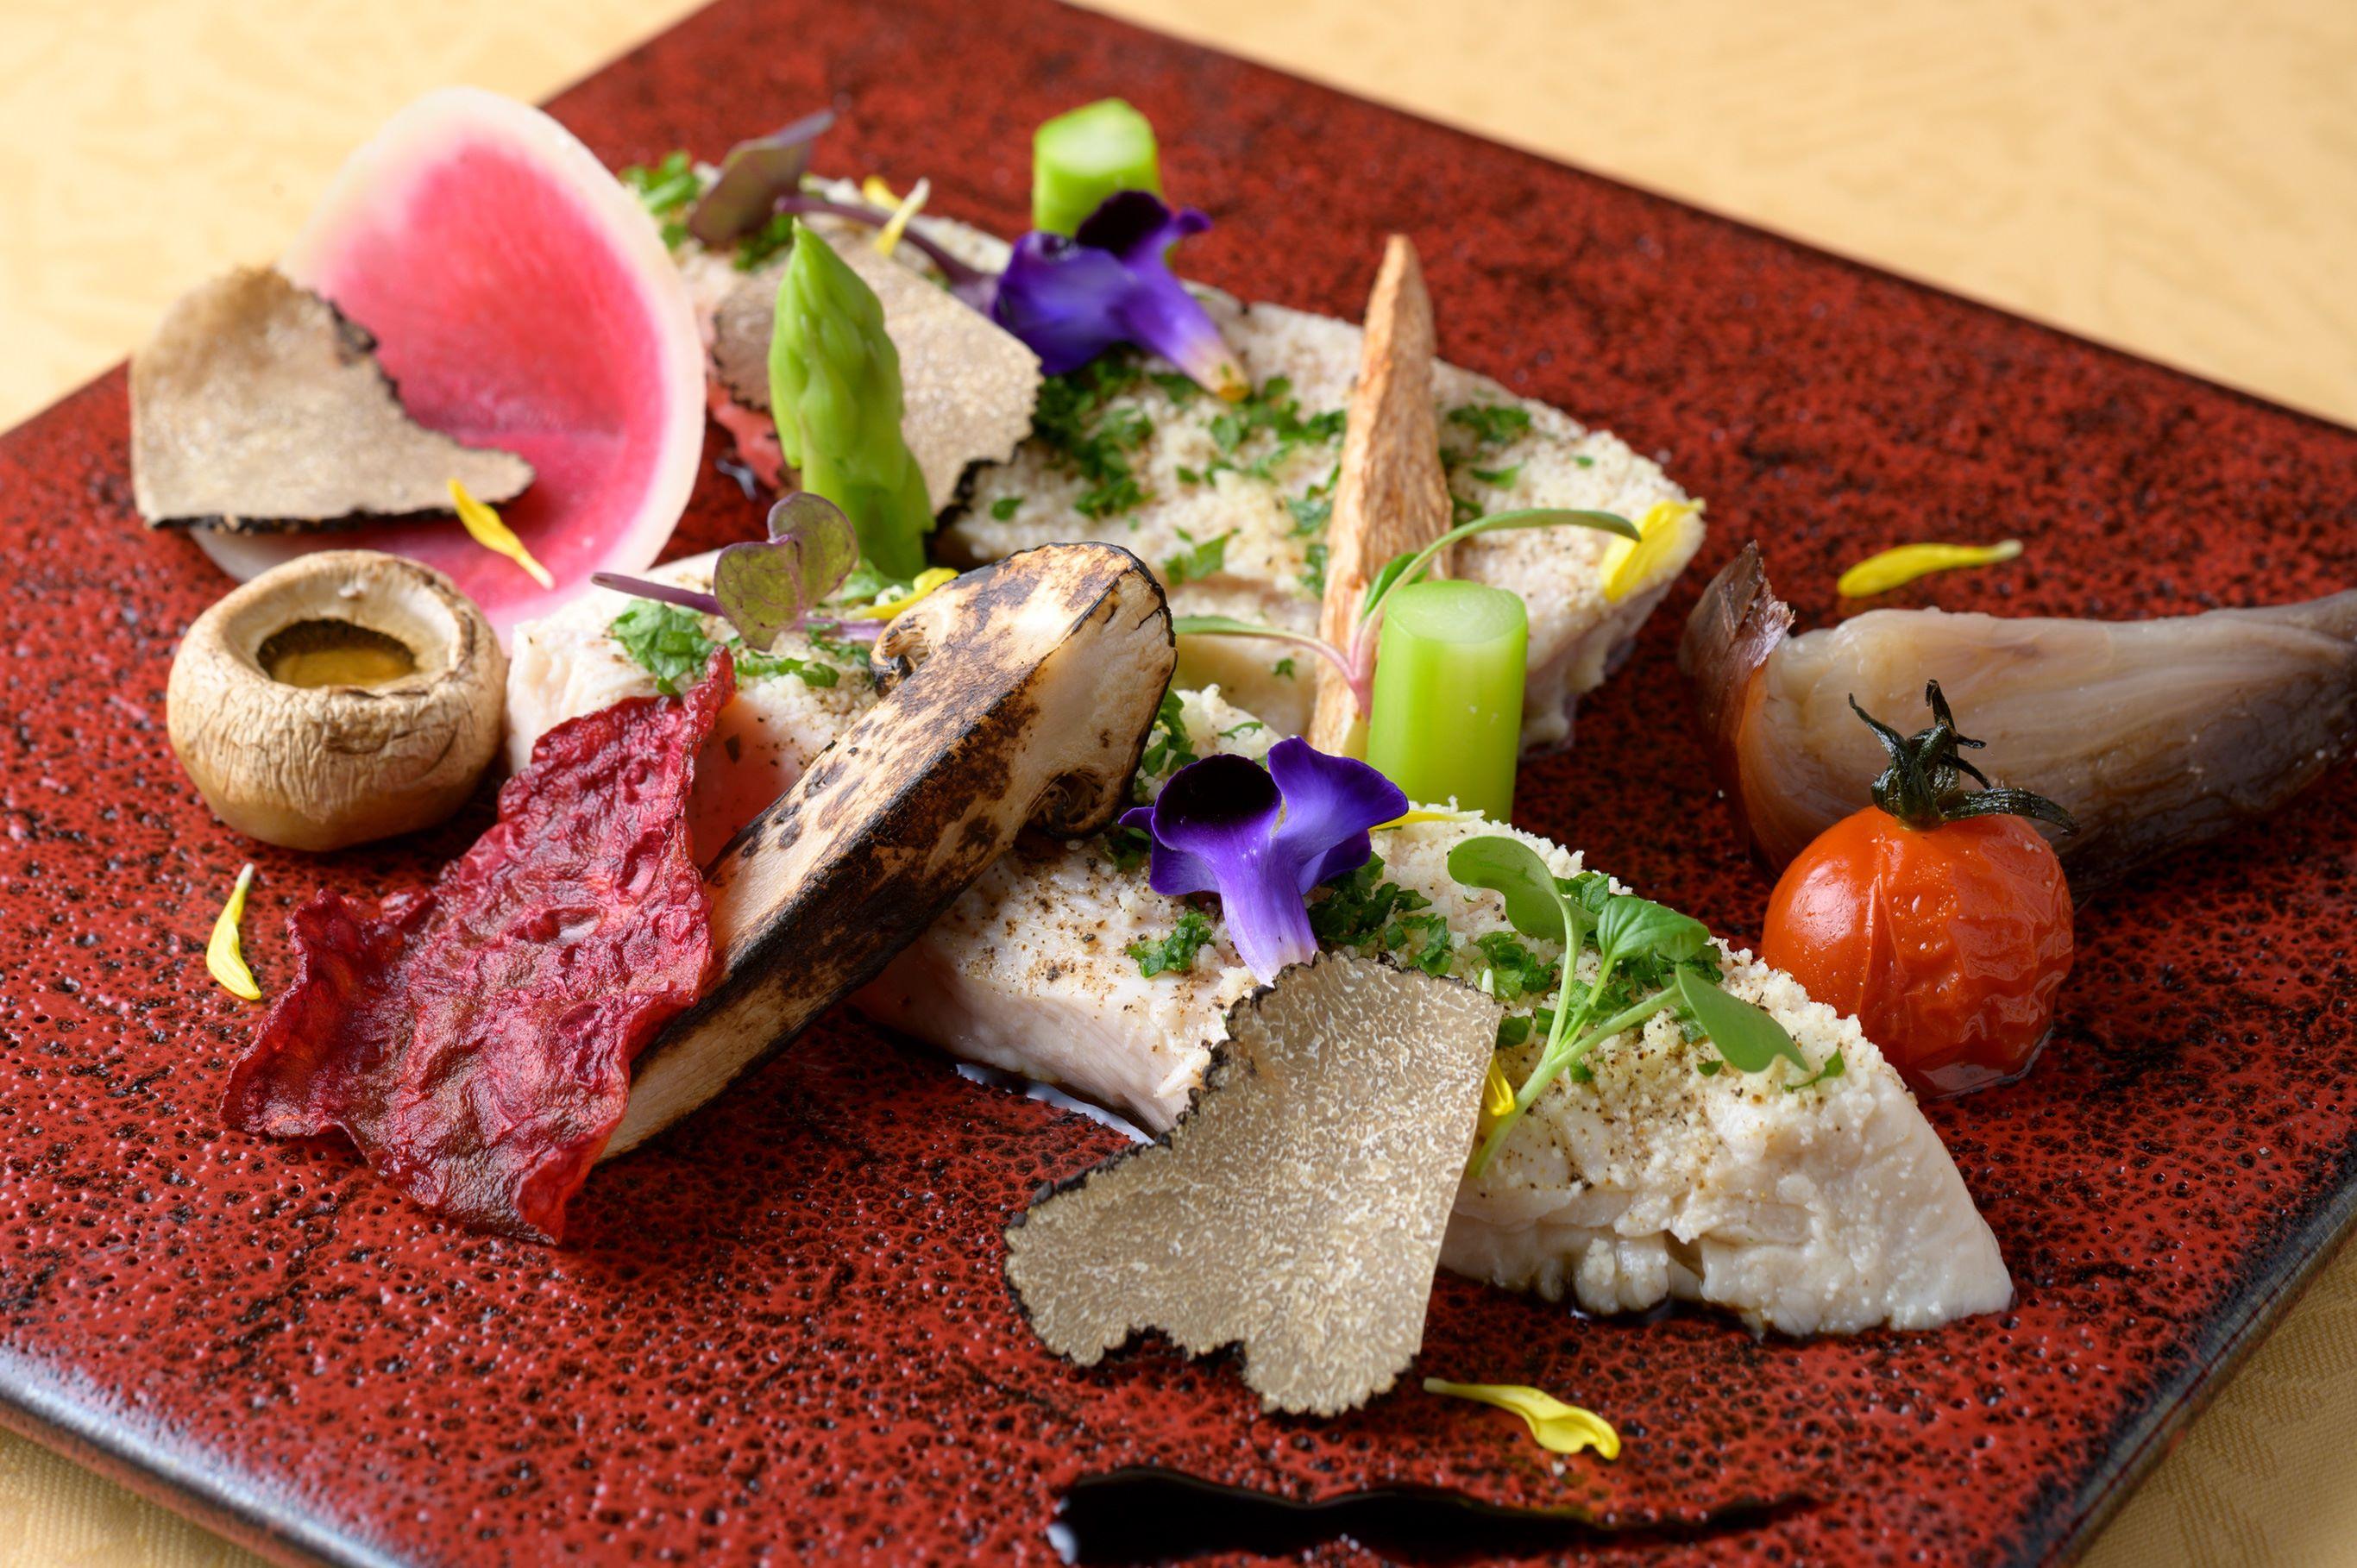 彩り豊かな野菜を添えた低糖質・低カロリーの鶏胸肉の低温調理。